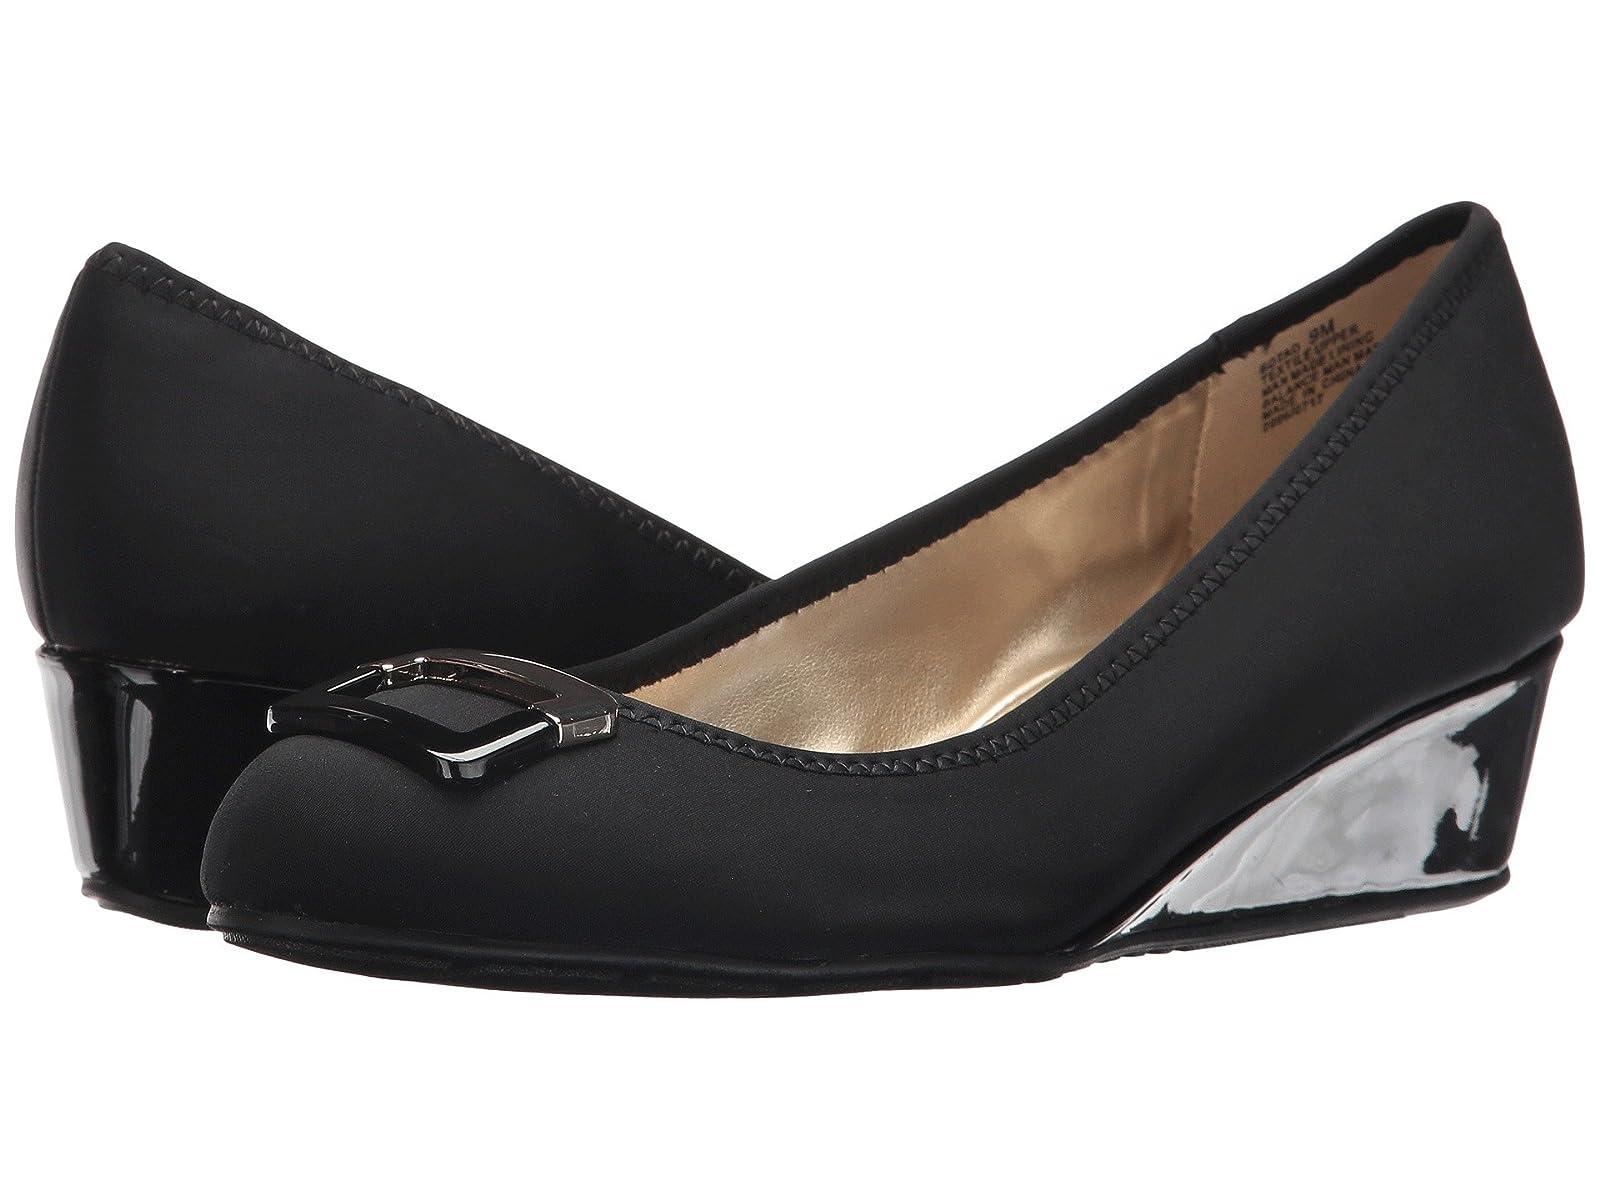 Bandolino TadAtmospheric grades have affordable shoes